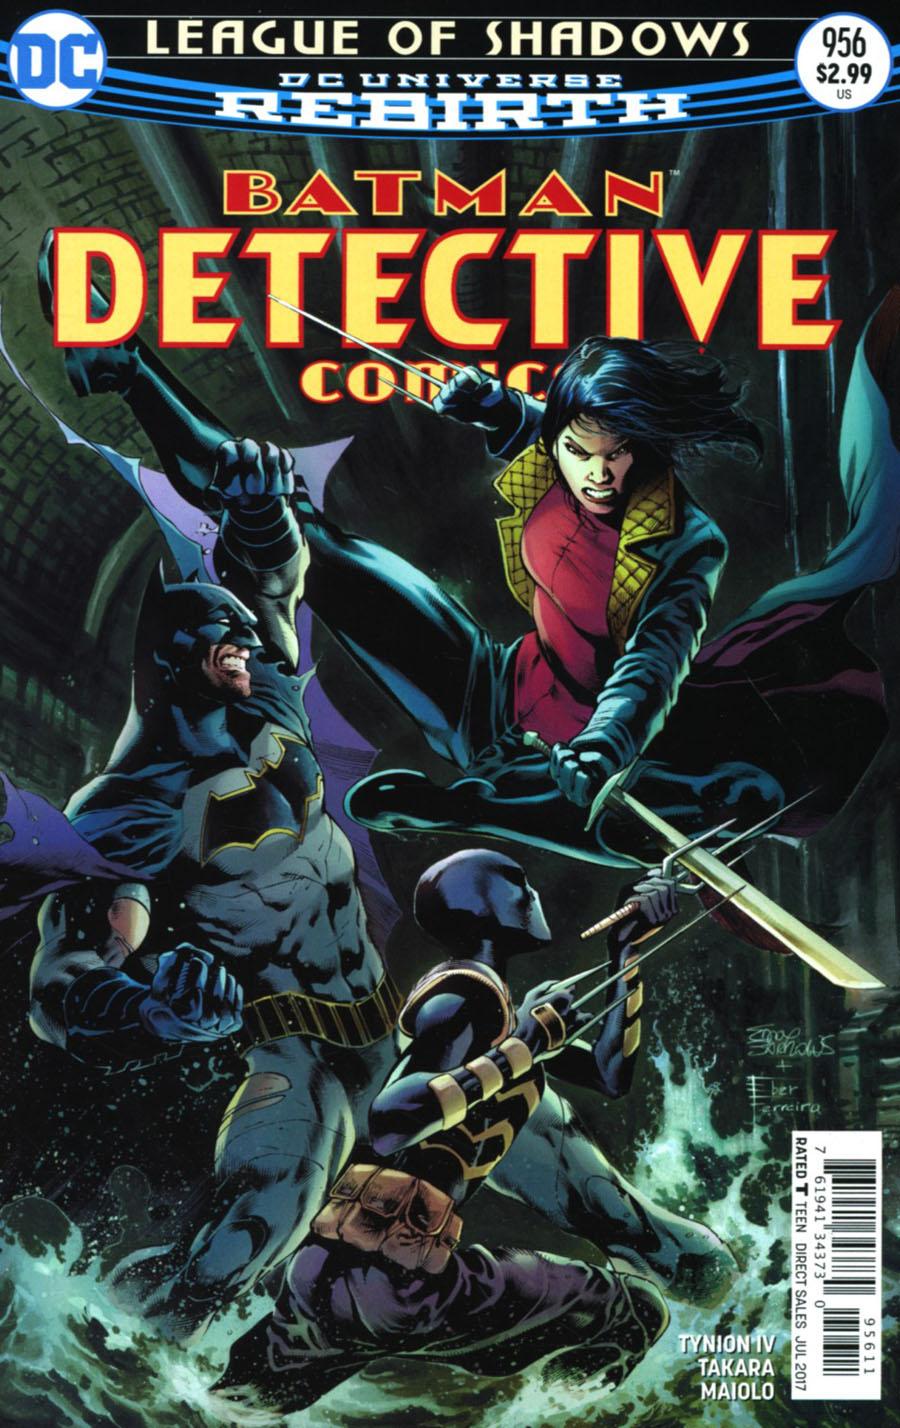 Batman - Detective Comics 956 - League Of Shadows - finale